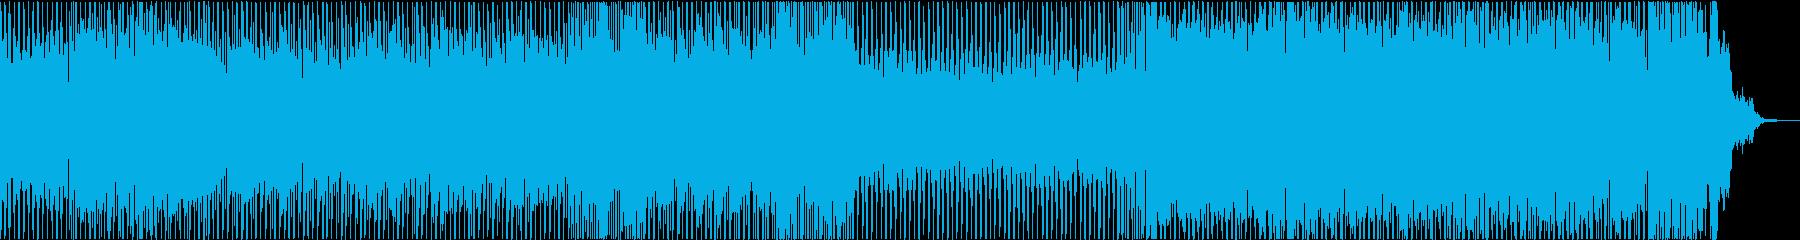 クリスマス メドレー 楽しい EDM 2の再生済みの波形